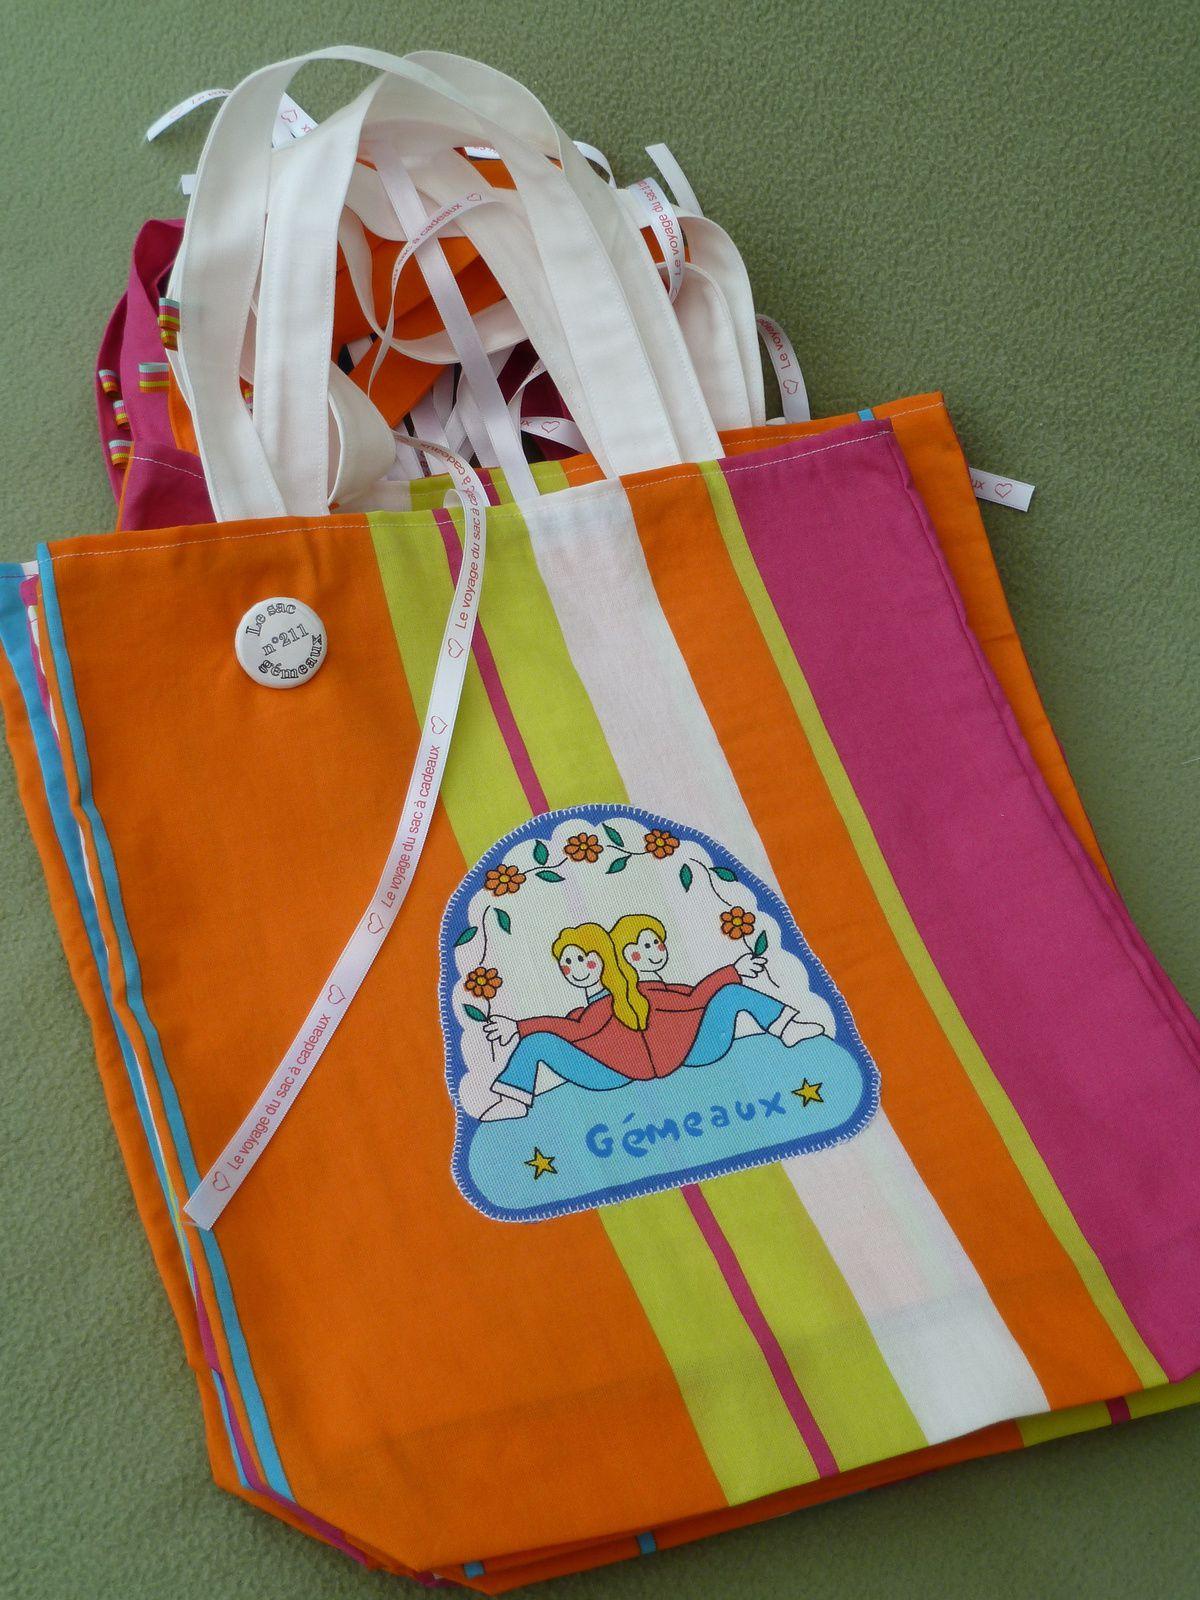 N°211 Le sac Gémeaux pour Pilarcita